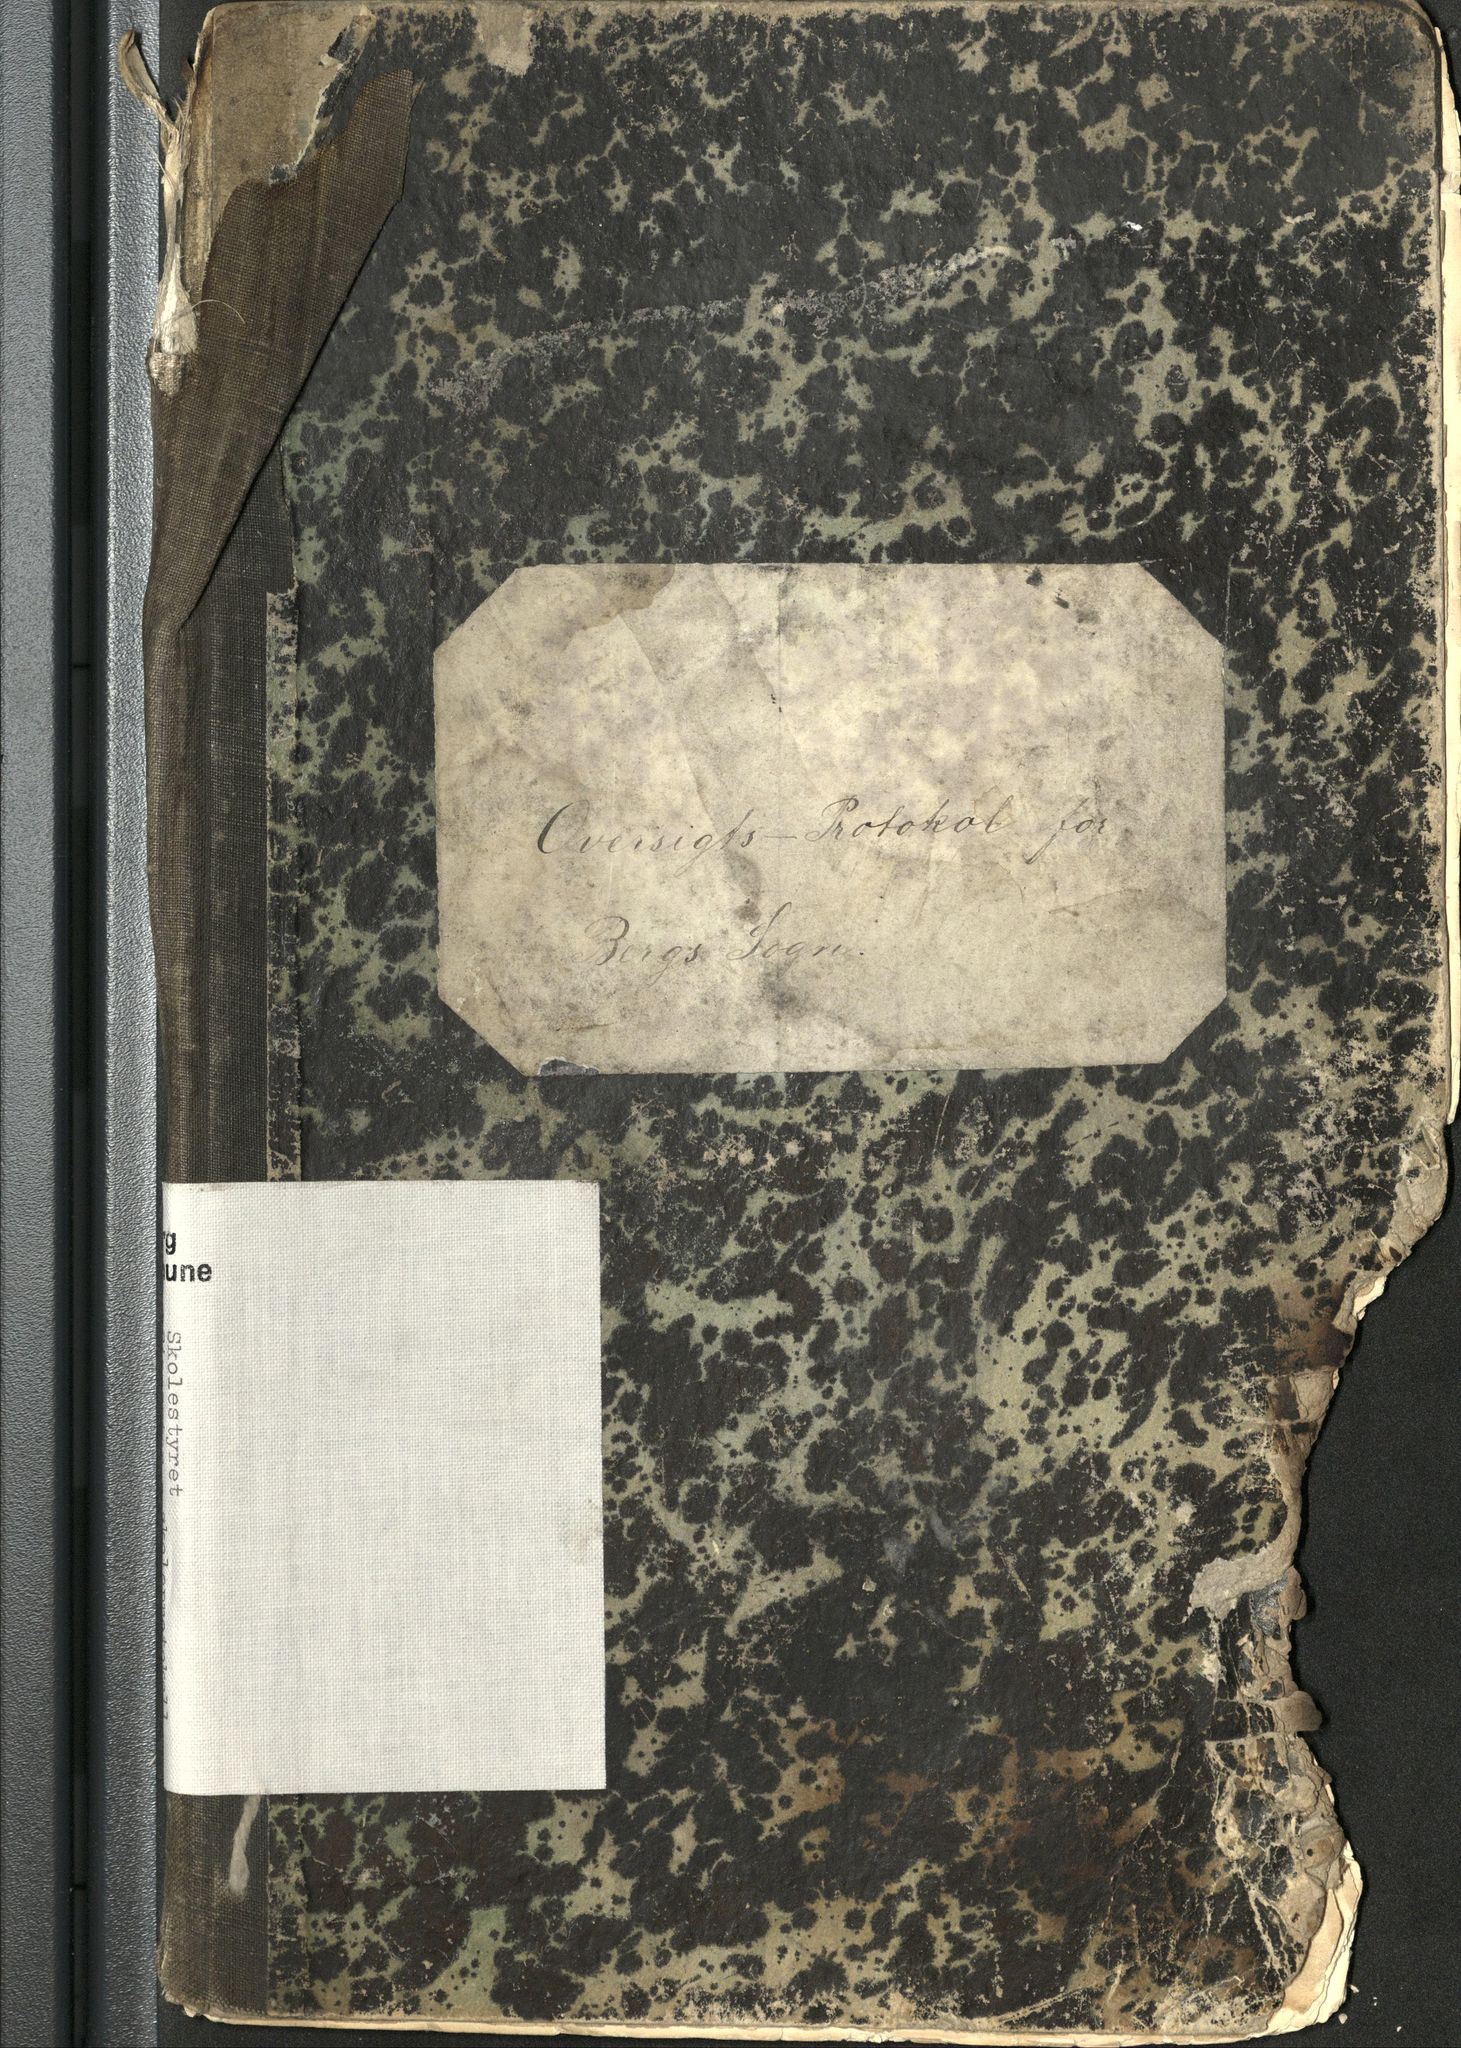 AT, Berg kommune (Troms), -: Skoledagbok for kretsene Finnsæter, Nordfjord, Steinfjord, Skaland, Ersfjord, Strømsnes, 1886-1891